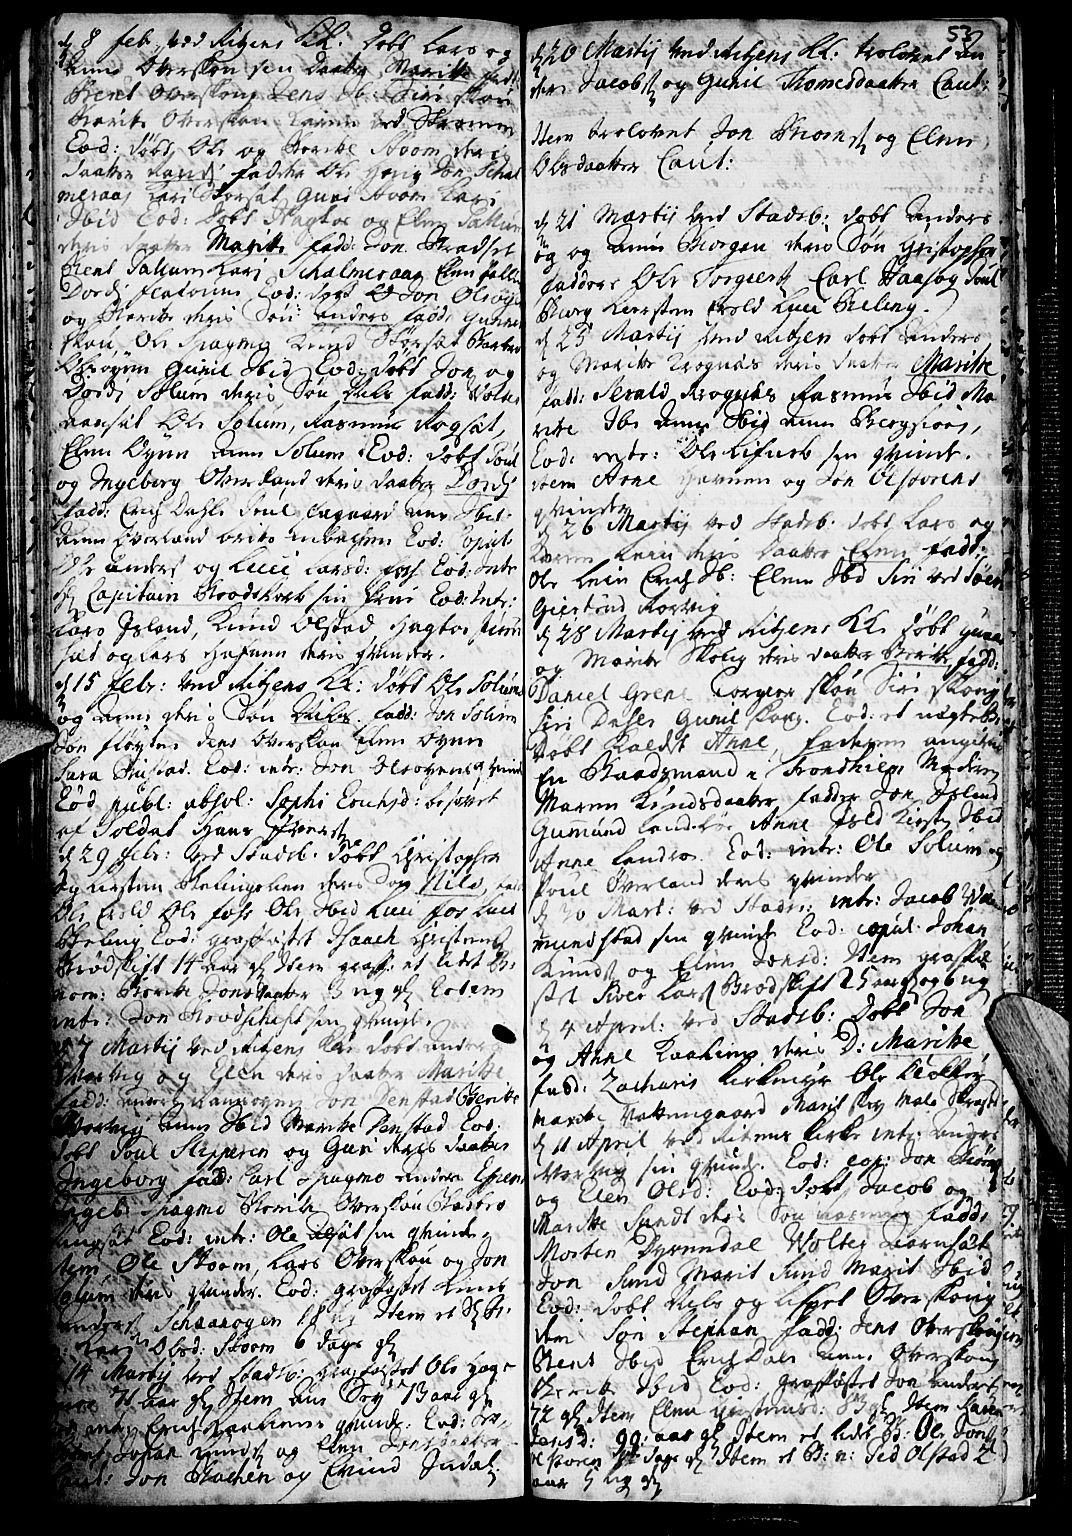 SAT, Ministerialprotokoller, klokkerbøker og fødselsregistre - Sør-Trøndelag, 646/L0603: Ministerialbok nr. 646A01, 1700-1734, s. 53